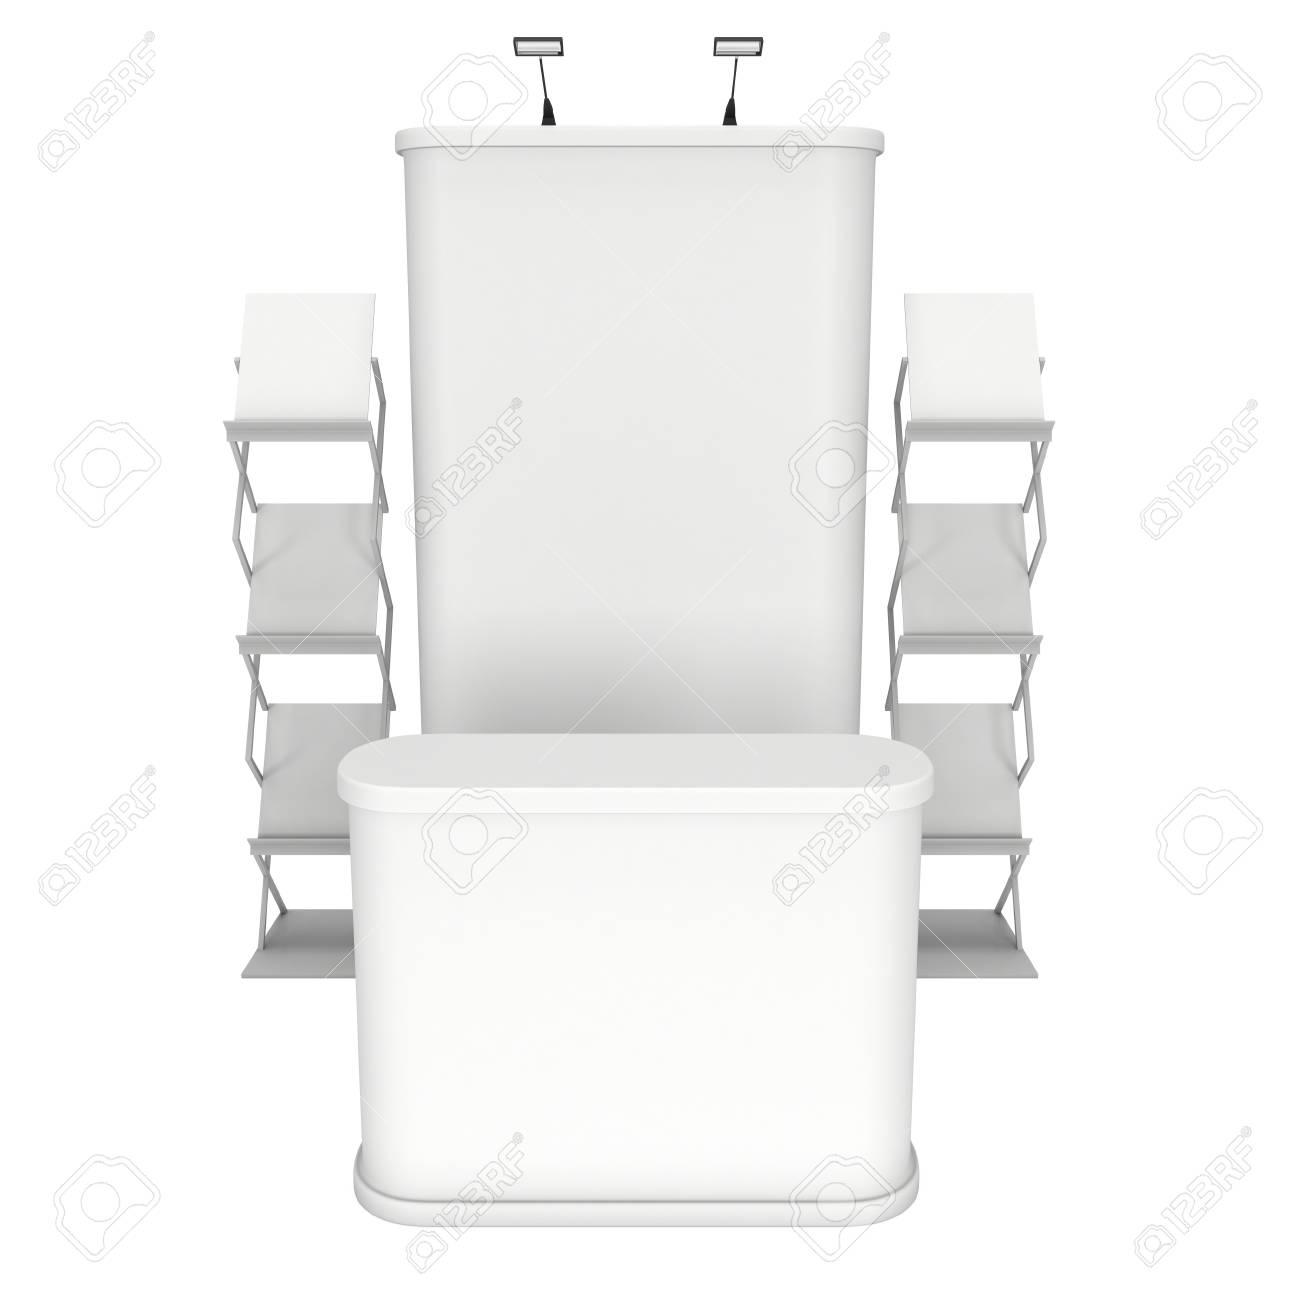 banque d images stand de salon et porte revues pour les magazines blanc et vide rendu 3d isole sur fond blanc haute resolution